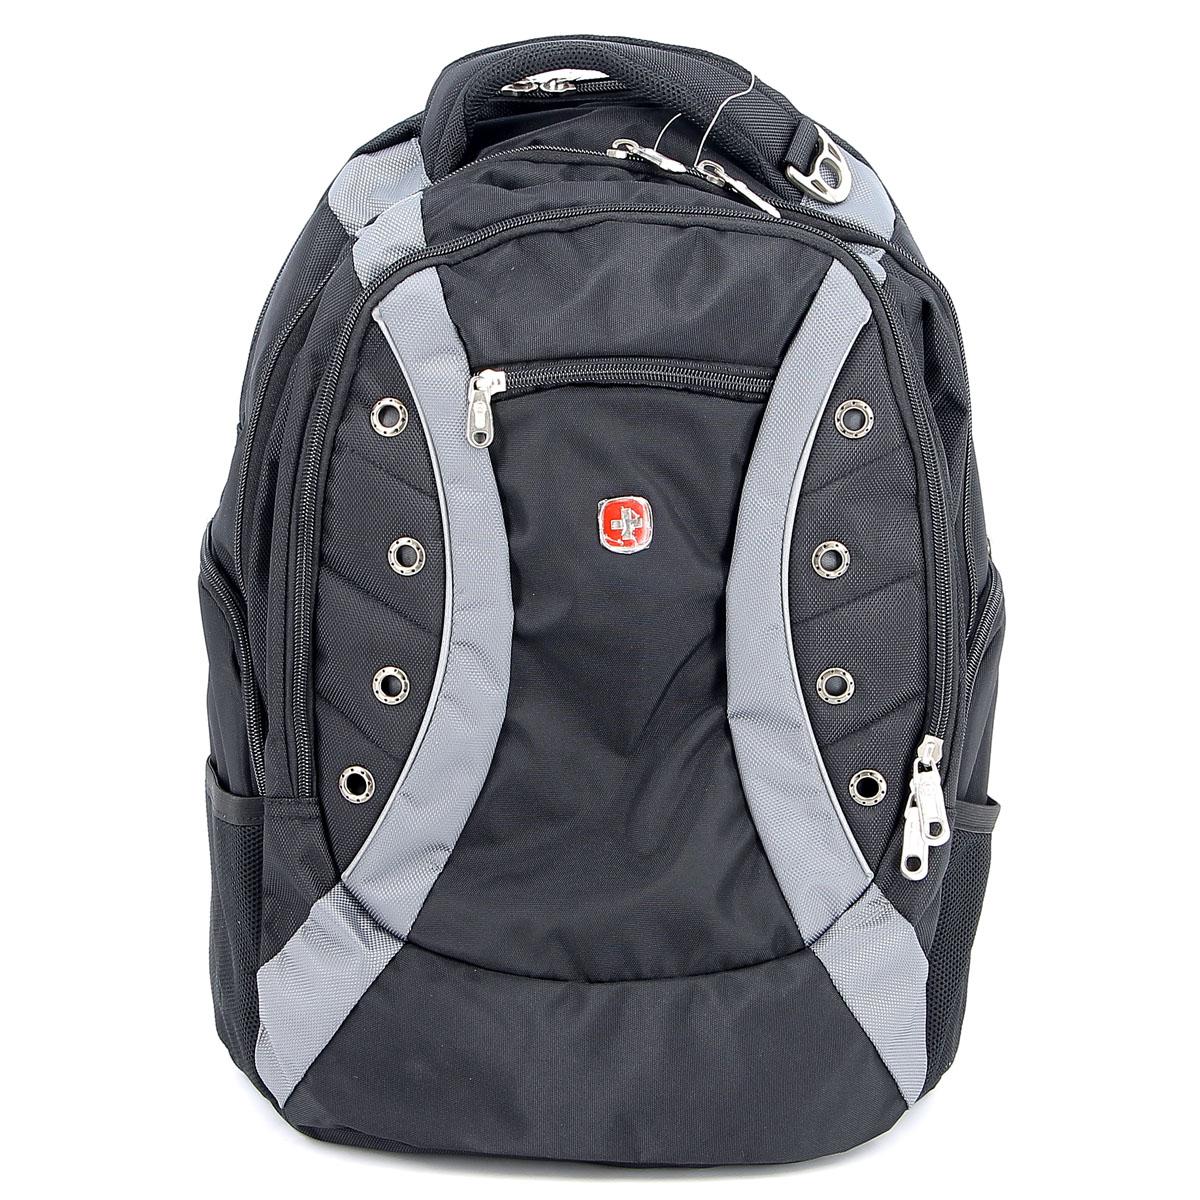 Рюкзак Wenger Zoom, цвет: черный, серый, 36 см х 21 см х 47 см, 35 л1191215Рюкзак Wenger Zoom - это самодостаточный, многофункциональный и надежный спутник своего владельца, как и знаменитый швейцарский нож! Благодаря многофункциональности рюкзака Wenger, вы можете легко организовать свои вещи, отправив ключи, мобильный телефон и еще тысячу мелочей в специальный карман-органайзер, положив ноутбук в надежный мягкий карман под спинкой. После этого останется еще много места для других необходимых вещей. Рюкзаки и сумки Wenger - это прежде всего современные материалы и фурнитура от надежных поставщиков и швейцарский контроль качества, благодаря которому репутация компании была и остается столь высокой. Продуманная конструкция и современные технологии проявляются главным образом в потрясающей надежности рюкзаков и сумок Wenger. А ведь надежность - самое важное качество и в амуниции, и в людях!Особенности рюкзака: Большой объем для хранения: основное отделение предоставляет достаточный объем для папок, электронных игр и других аксессуаров. Мягкое отделение для ноутбука: регулируемый ремень с липучкой может закрепить ноутбуки с размером экрана 15 дюймов. Эластичные сетчатые карманы удобны для аксессуаров. Система циркуляции воздуха: дизайн задней мягкой вставки для спины обеспечивает циркуляцию воздуха для комфорта и максимального удобства.Плечевые ремни: эргономичные ремни анатомической формы разработаны с дополнительным уплотнением для удобства и контроля. Карман для бутылки воды: карман из эластичной сетки удобен для хранения бутылок любого размера.Отверстие для провода наушников: внутренний карман подходит для большинства МР3 плееров с внешним портом для наушников. Карман для мелких предметов: внутренний карман-органайзер включает съемную ключницу и раздельные кармашки для ручек, карандашей, мобильного телефона и CD дисков. Петля для очков: благодаря эластичной петле на плечевом ремне удобно хранить солнцезащитные очки и они легко доступны. По всем вопросам гарантийног